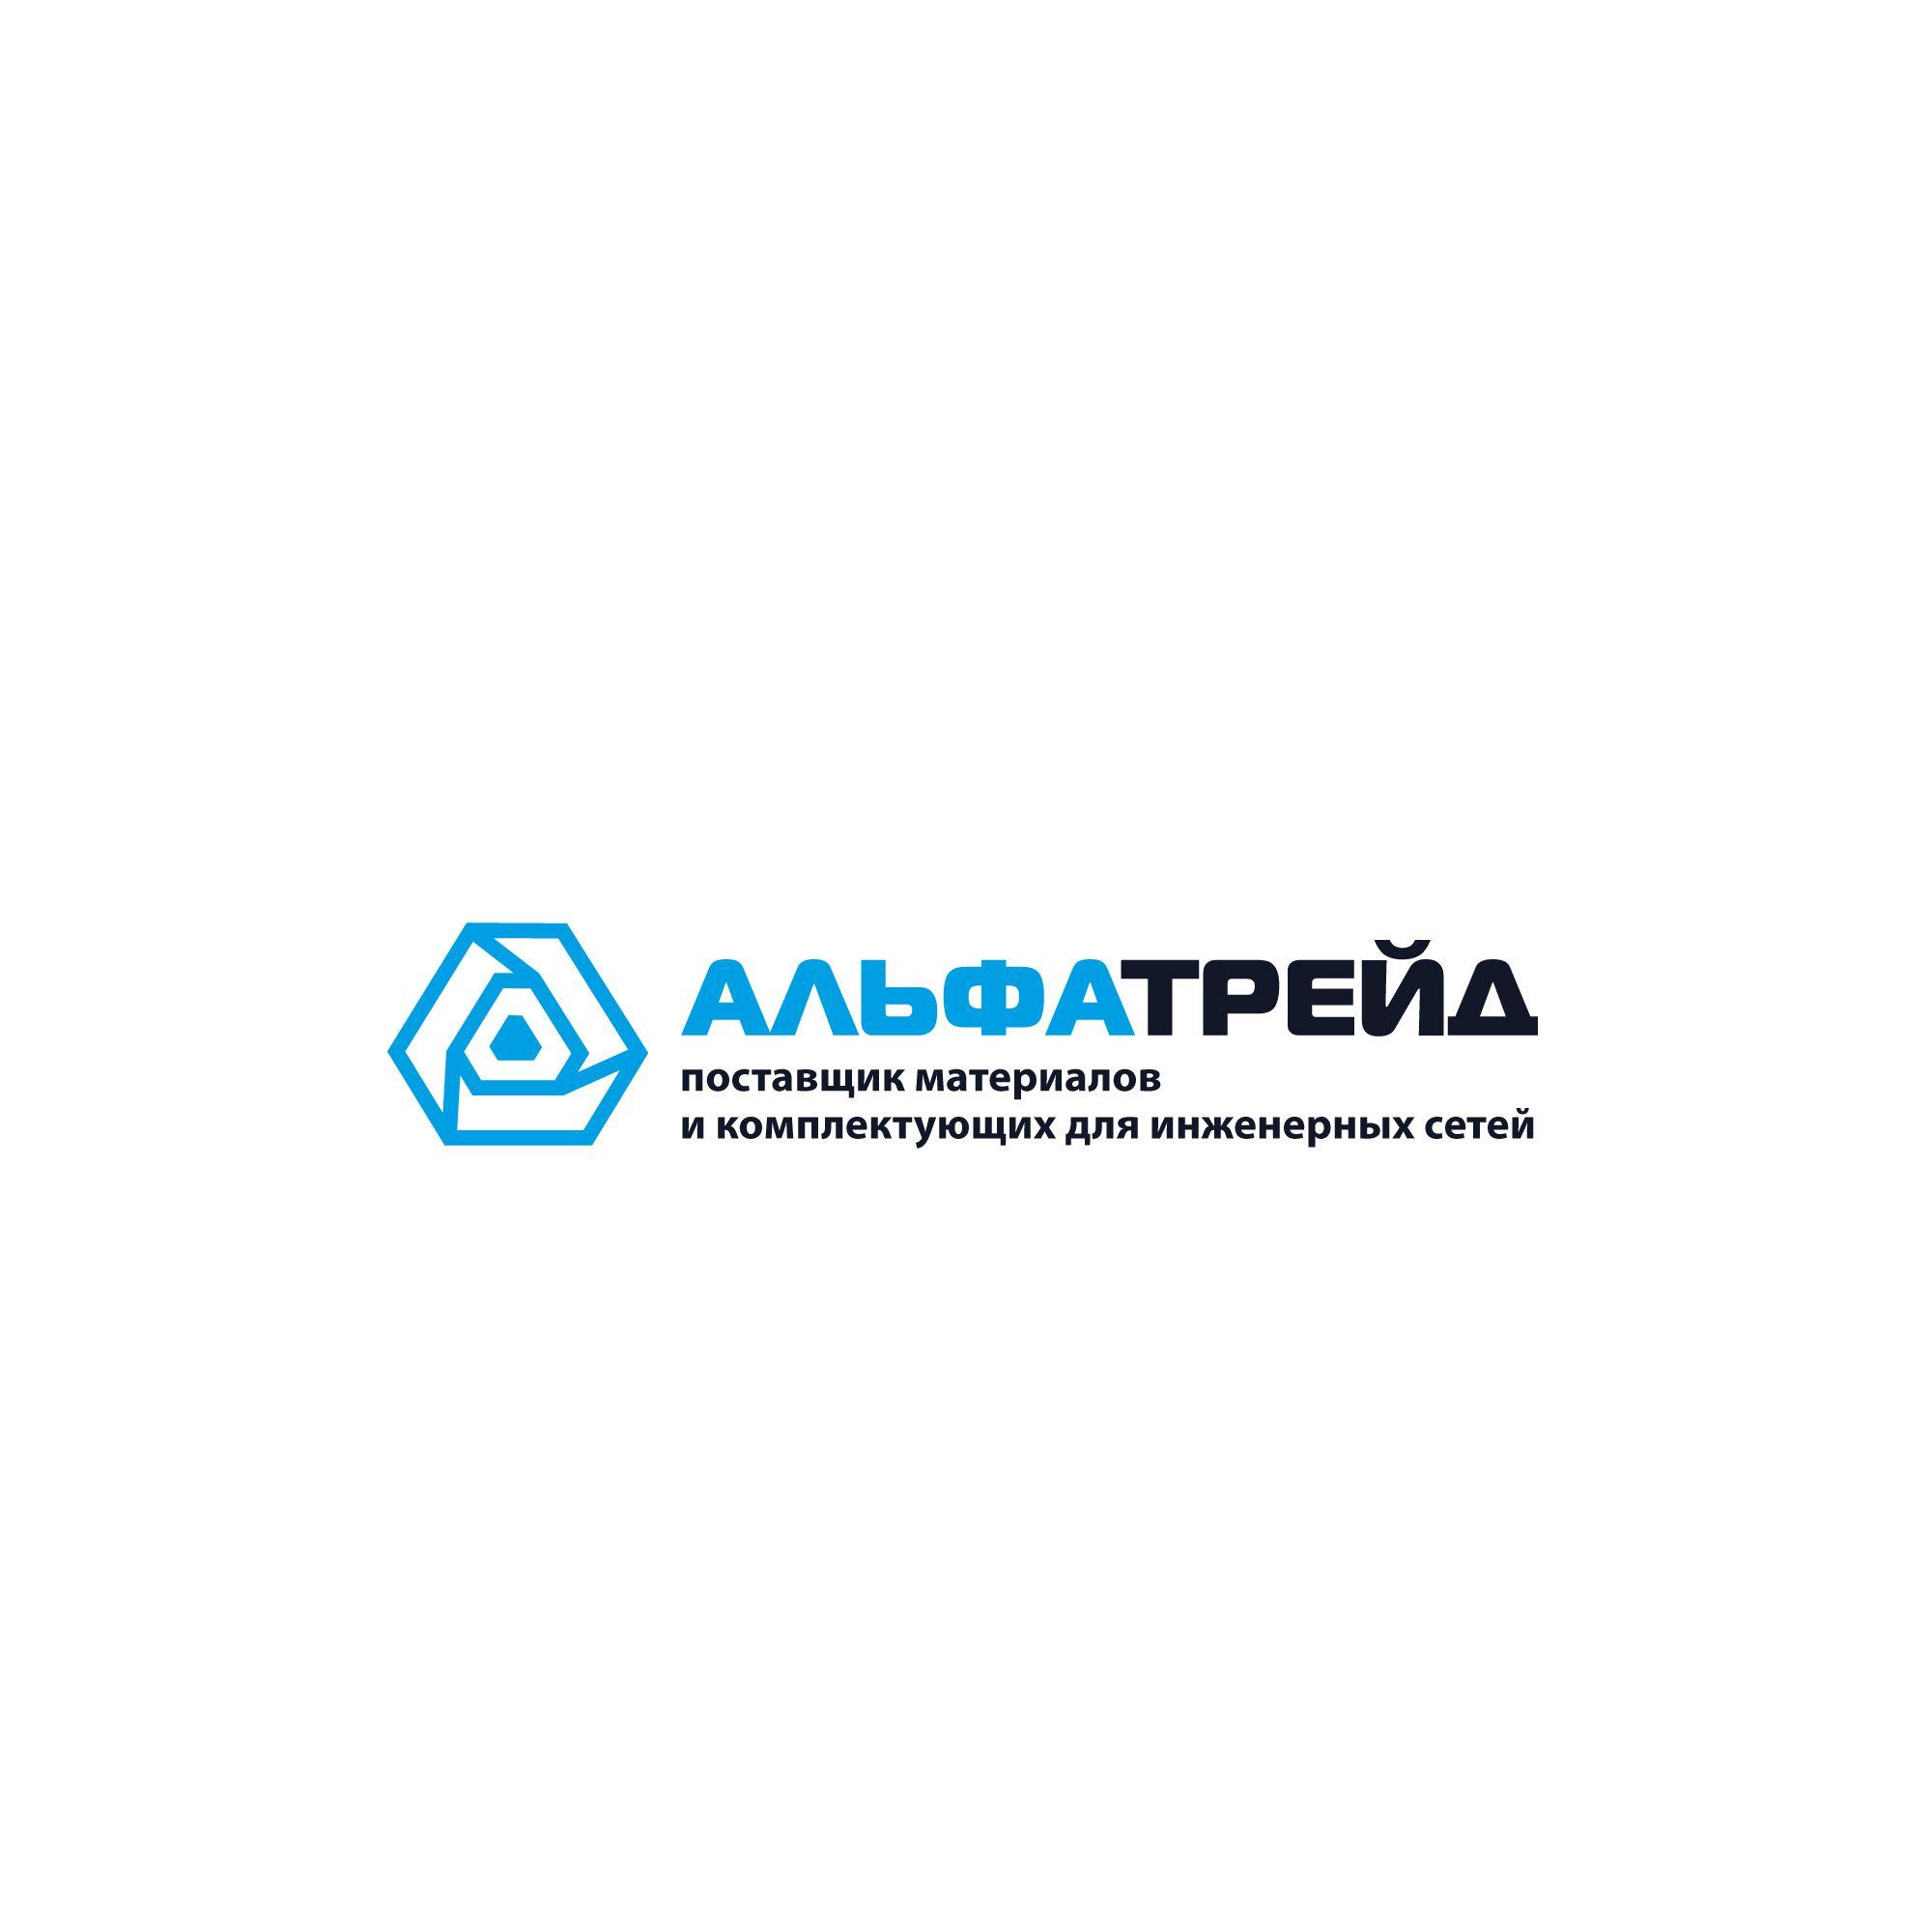 Логотип для АльфаТрейд - дизайнер SmolinDenis